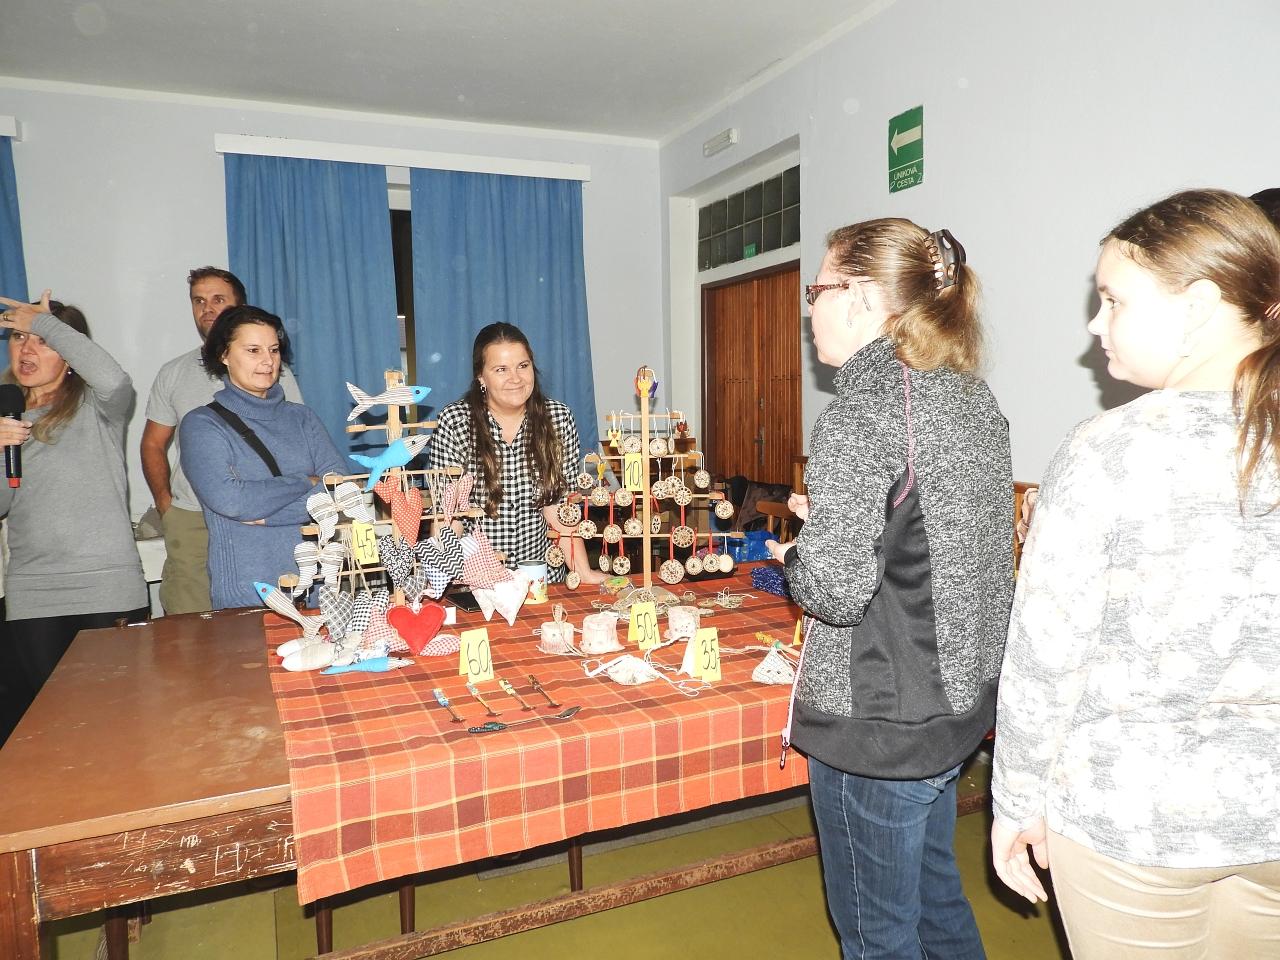 Martinske_setkani_Hlizov18